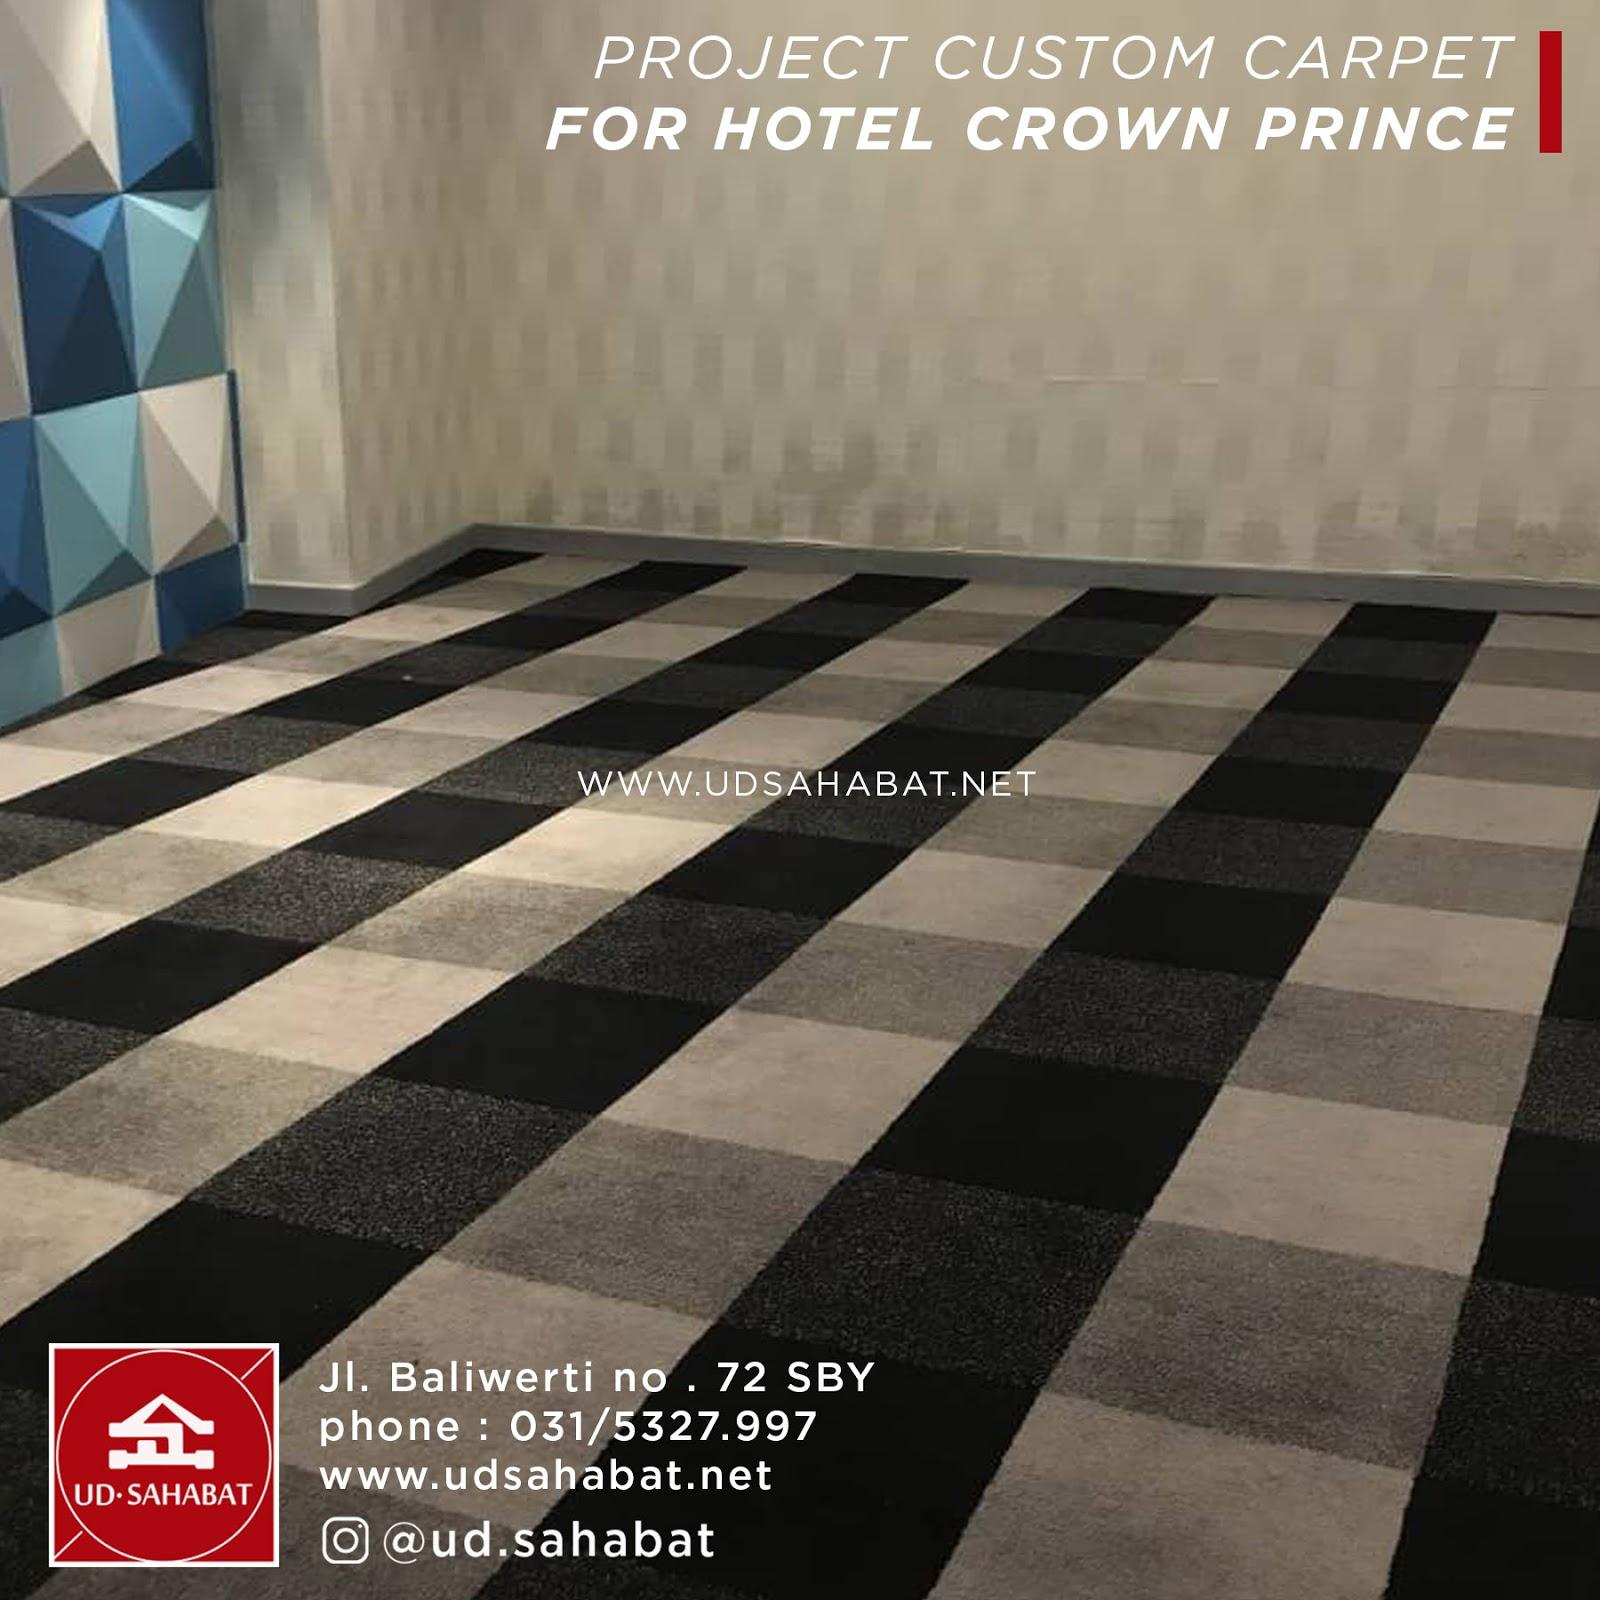 jual carpet untuk hotel surabaya UD SAHABAT baliwerti 72